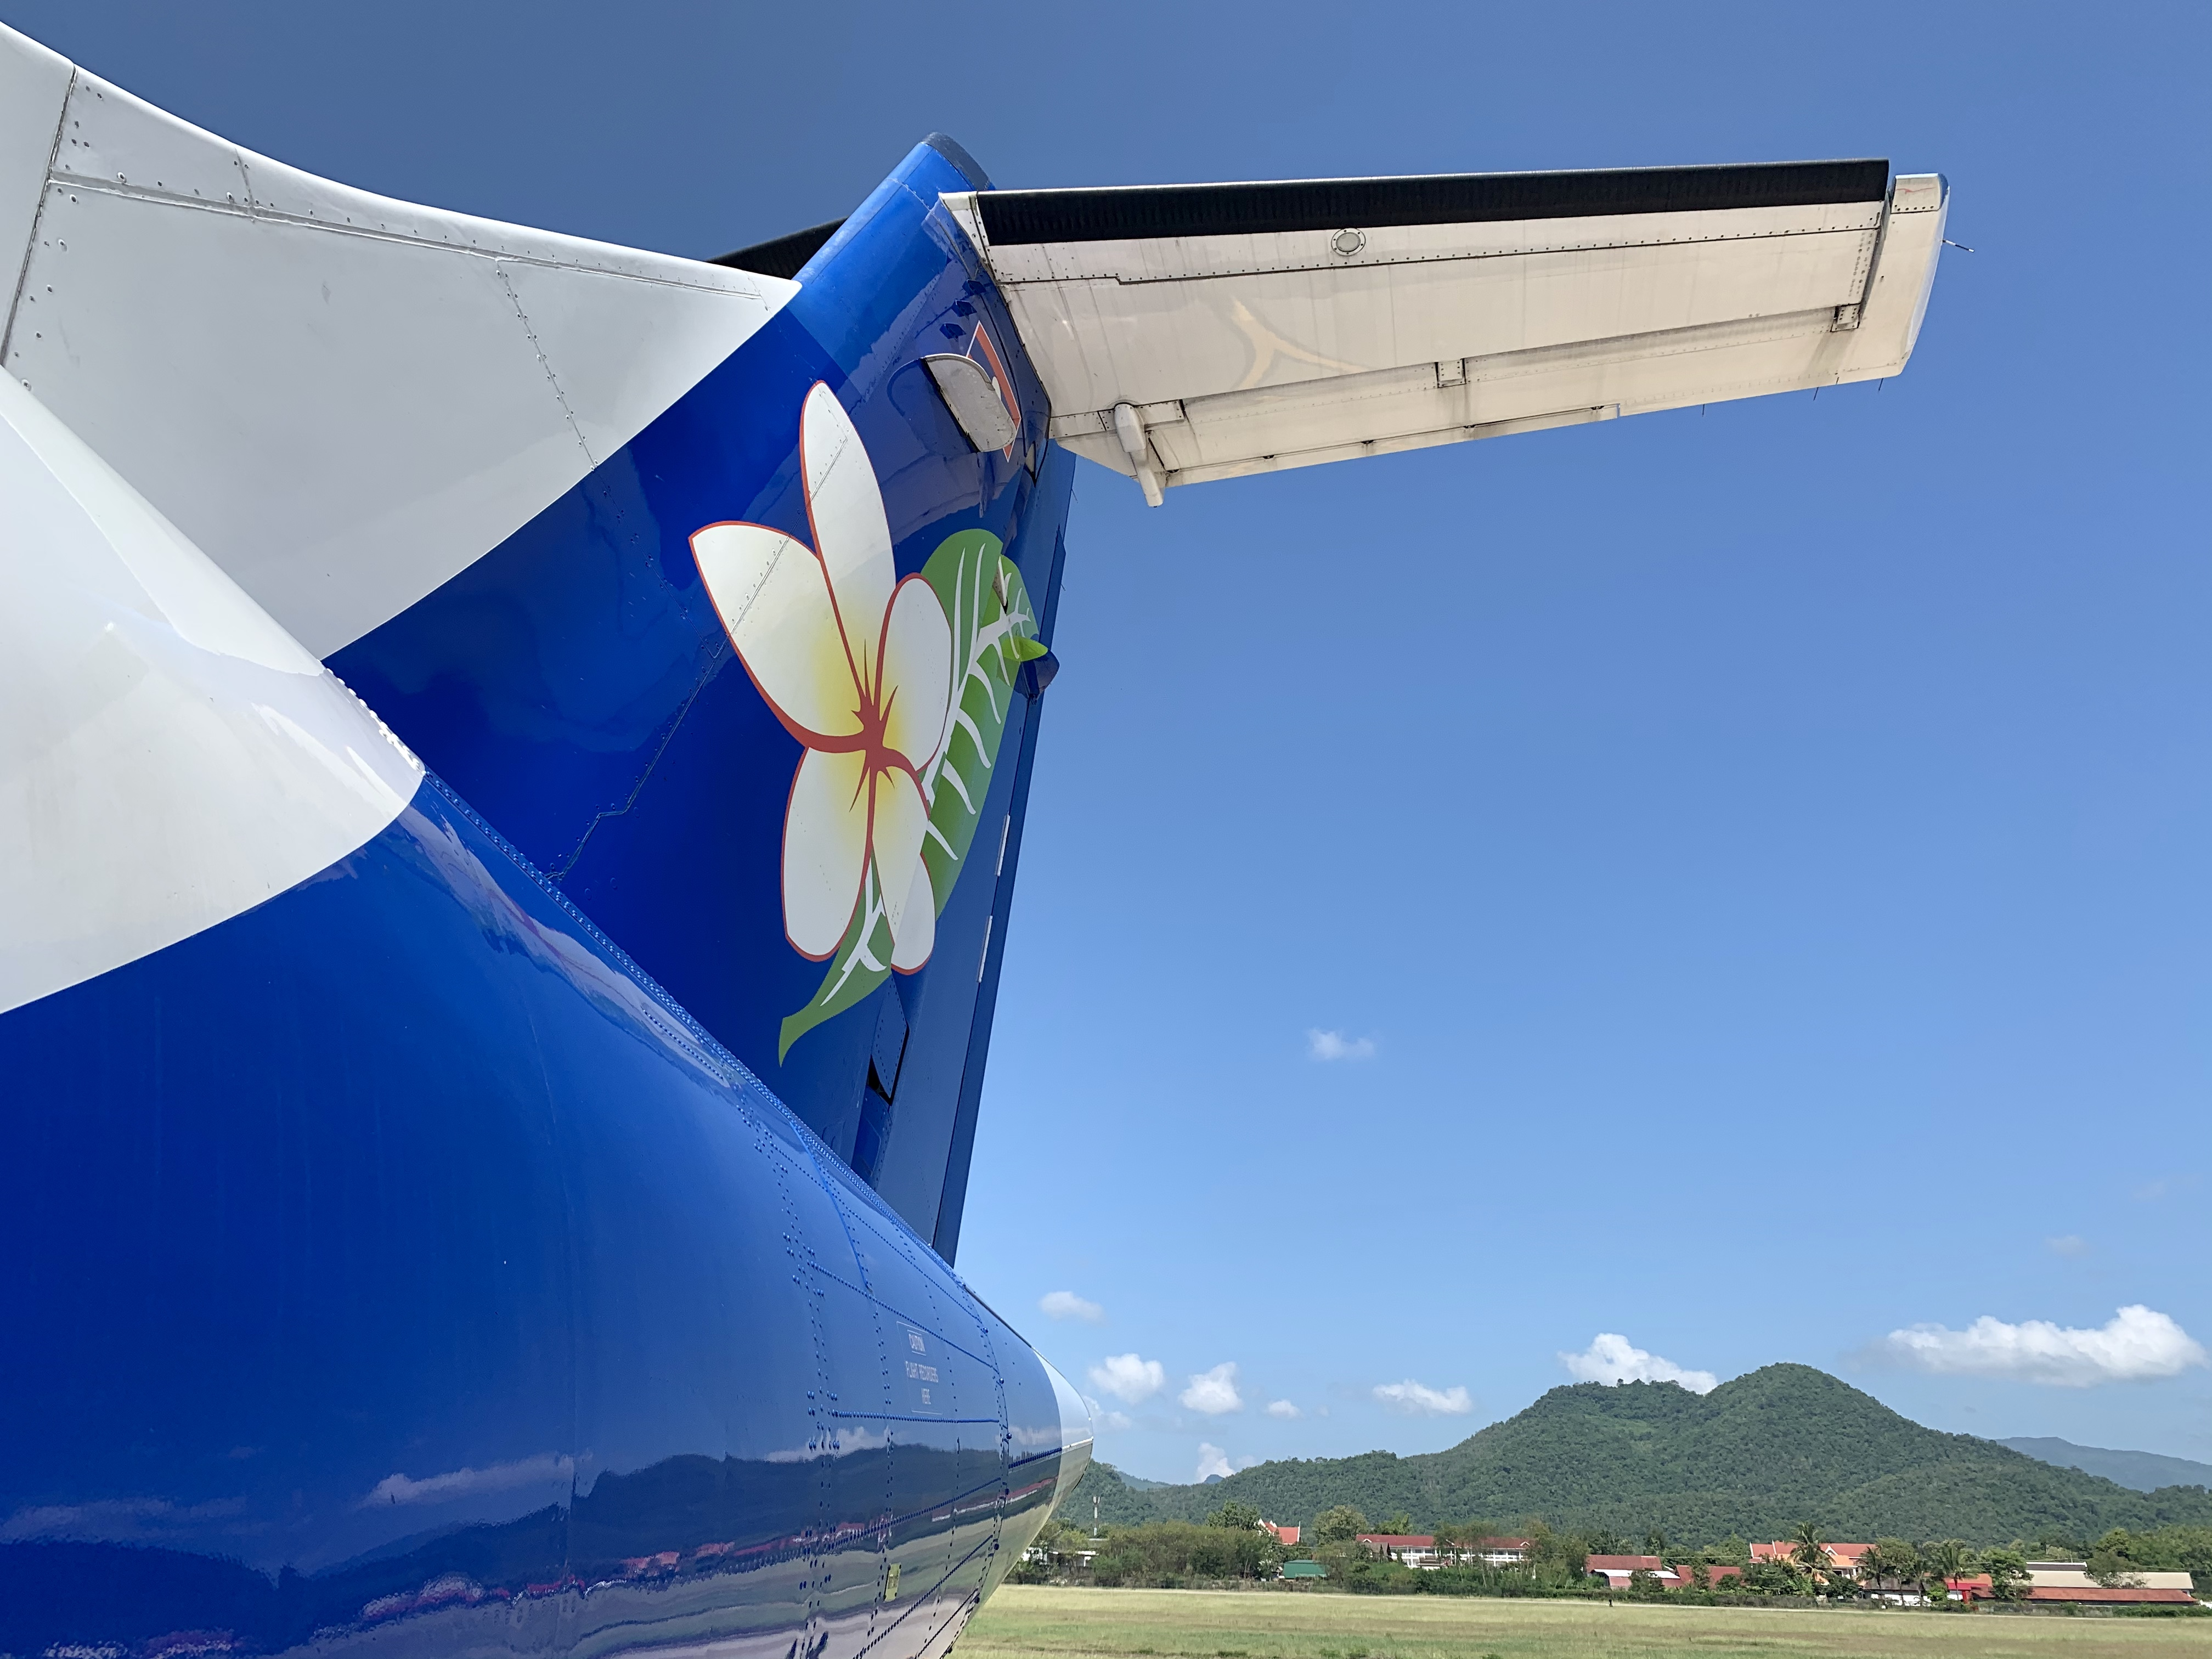 Lao Airlines er det nationale flyselskab i det sydøstasiatiske land Laos (foto: Kenneth Karskov)